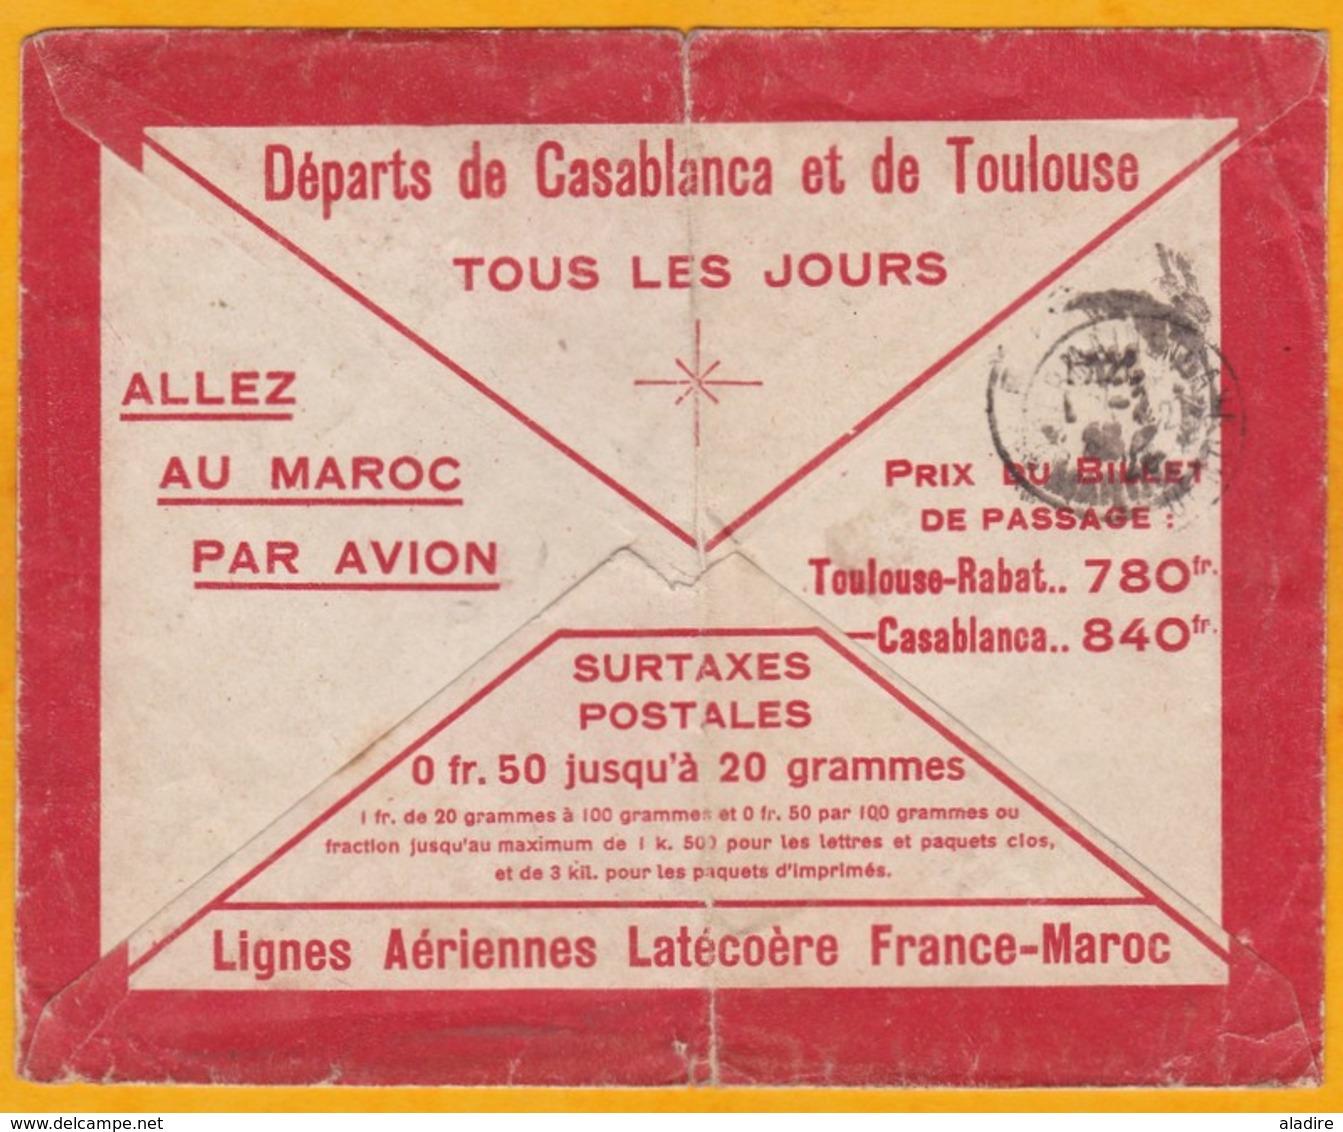 31 01 1923 - Précurseur Avion Ligne Latécoère France-Maroc - Enveloppe De Fez Vers St Germain En Laye - Affrt 75 C - Morocco (1891-1956)